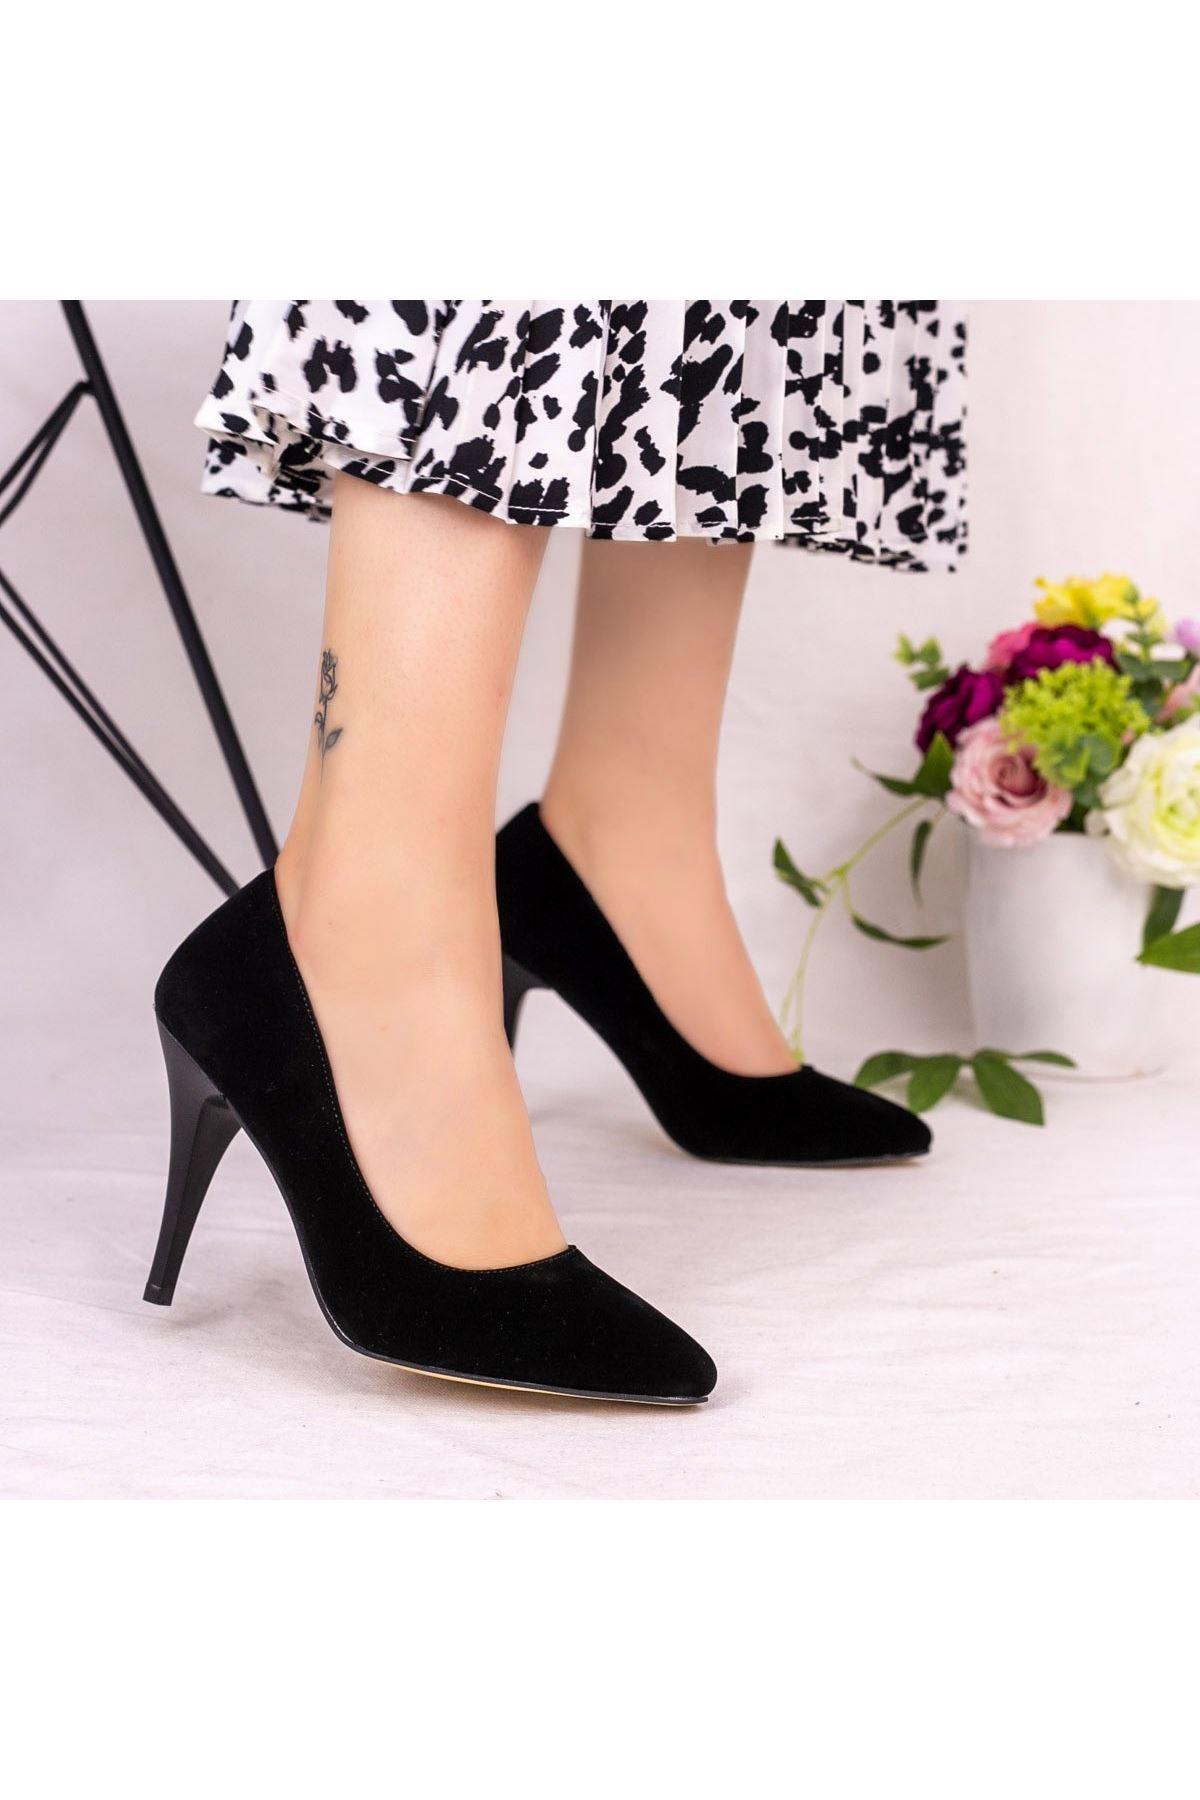 Ocox Siyah Süet Stiletto Ayakkabı